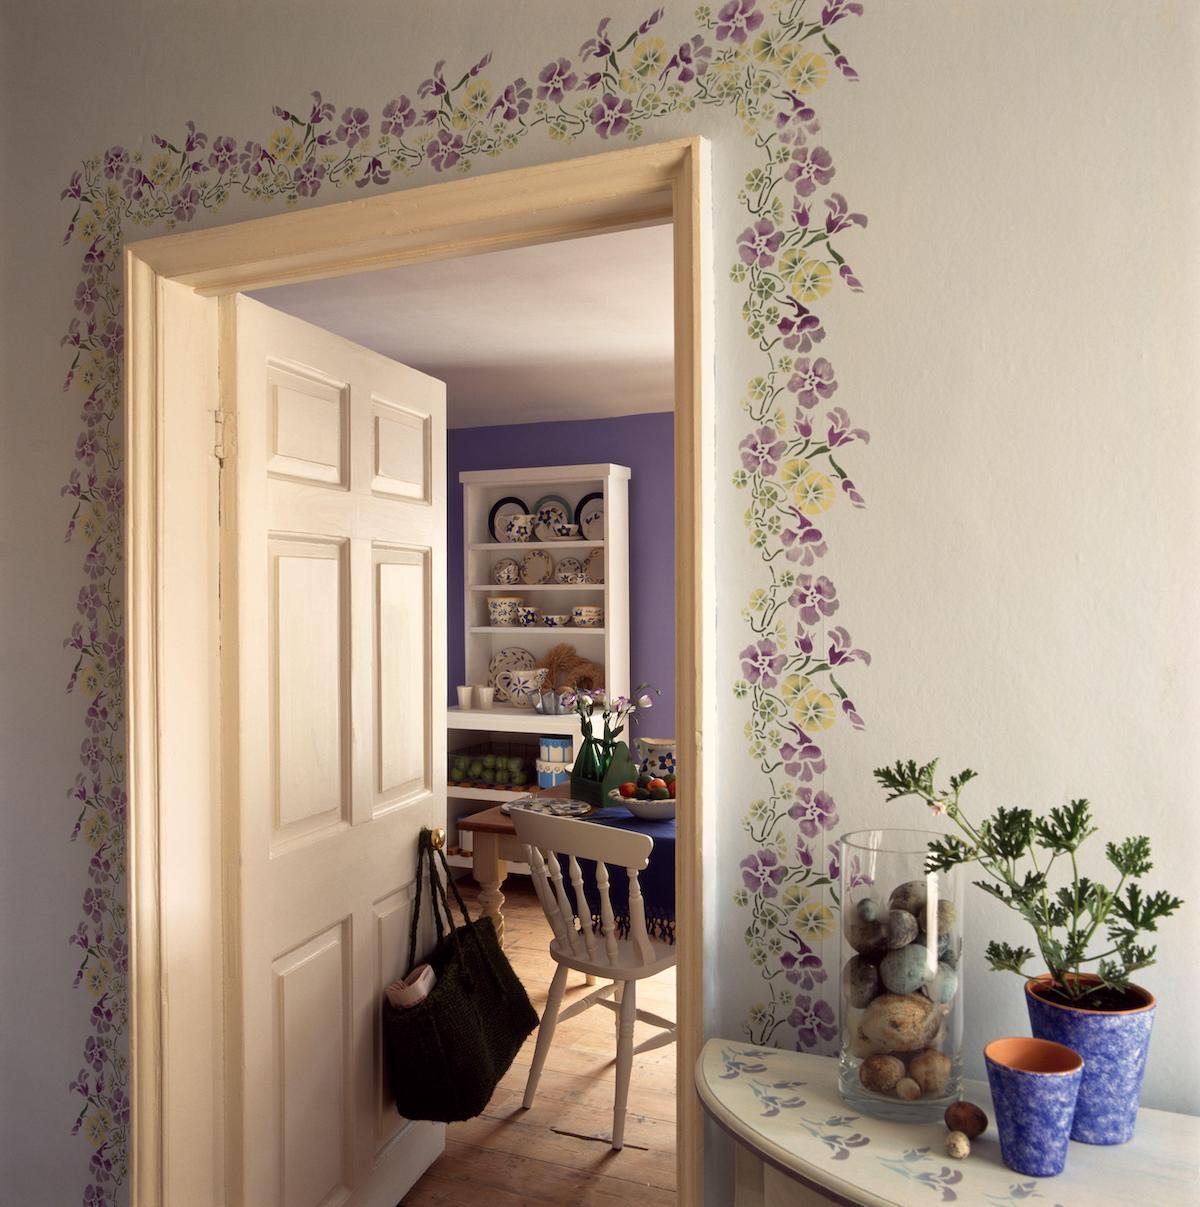 Hallway with decoration round doorway to kitchen